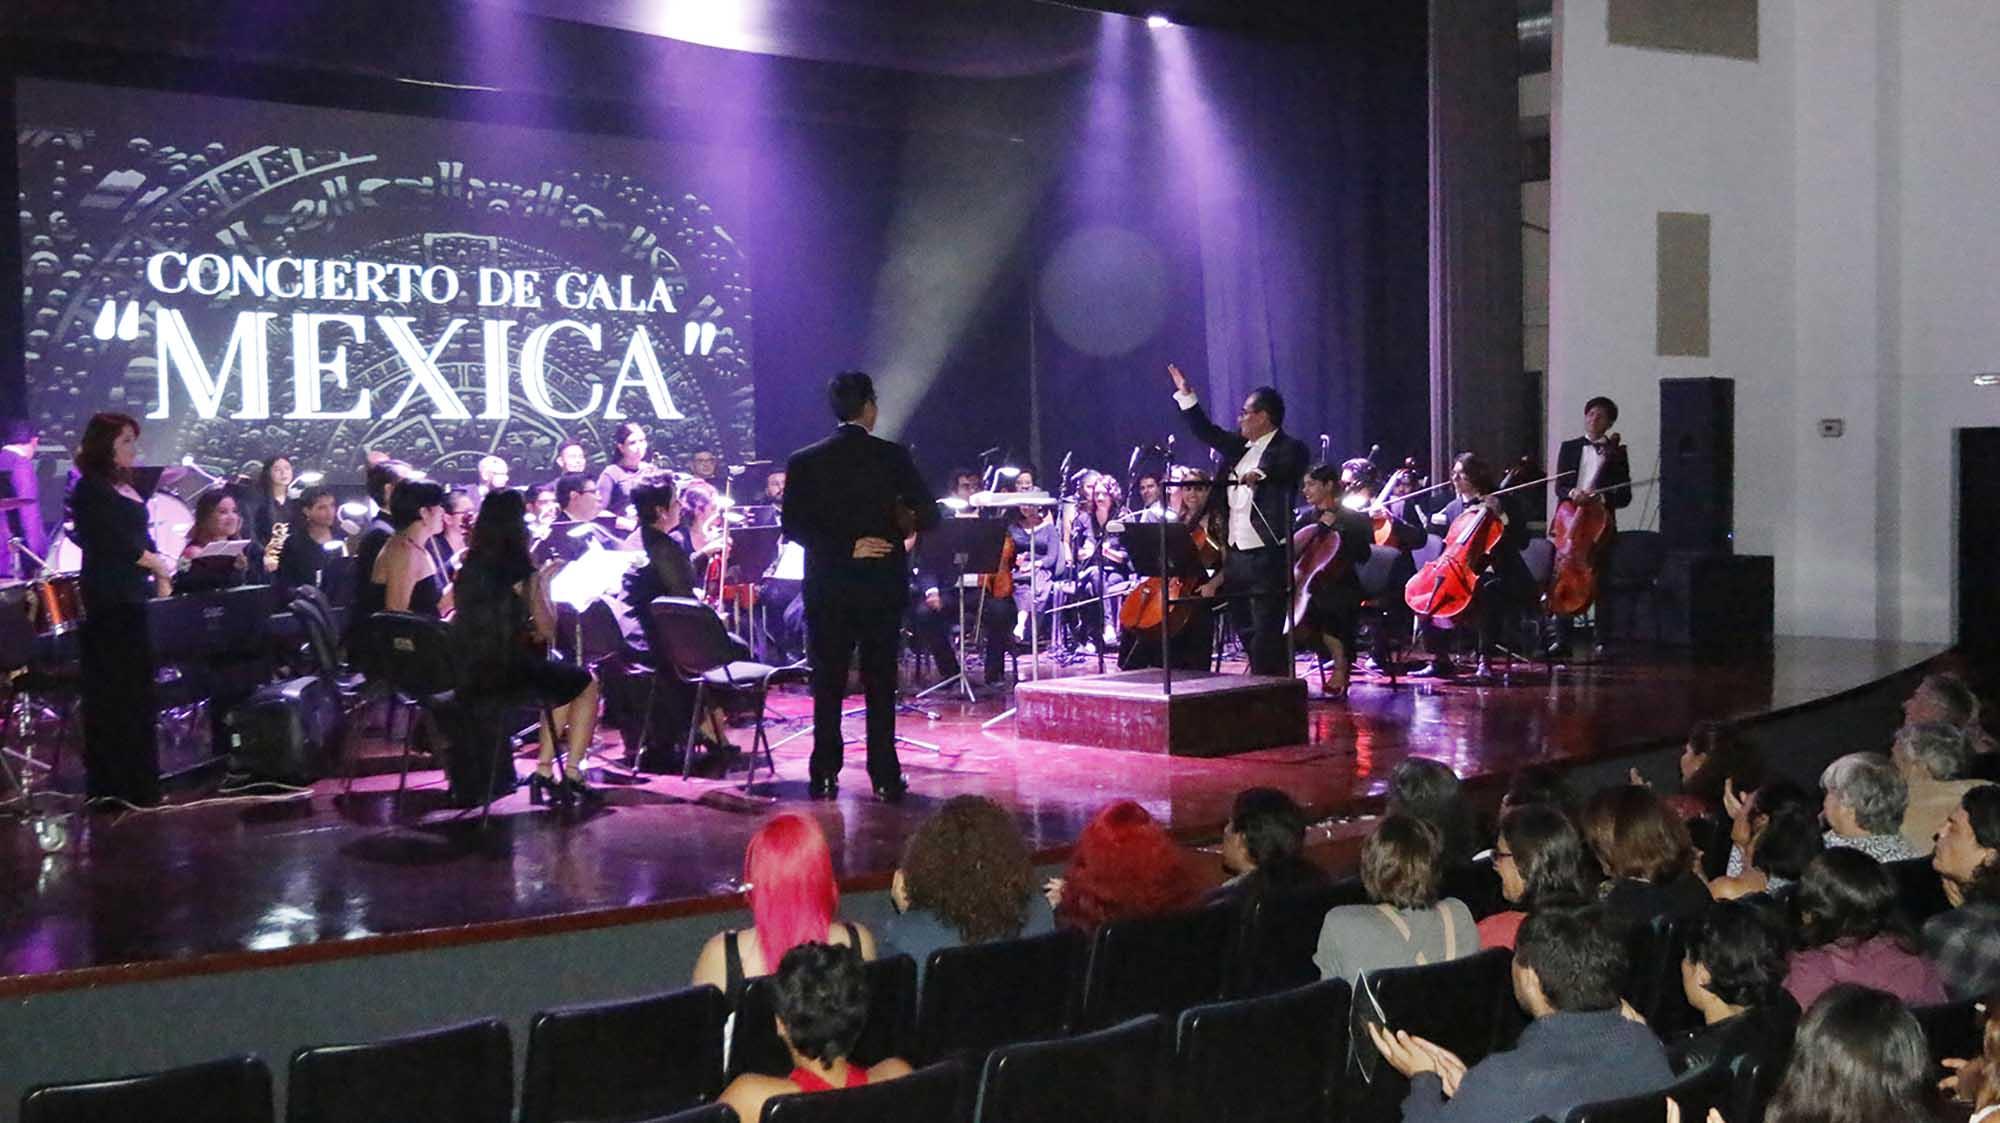 Concierto Mexica